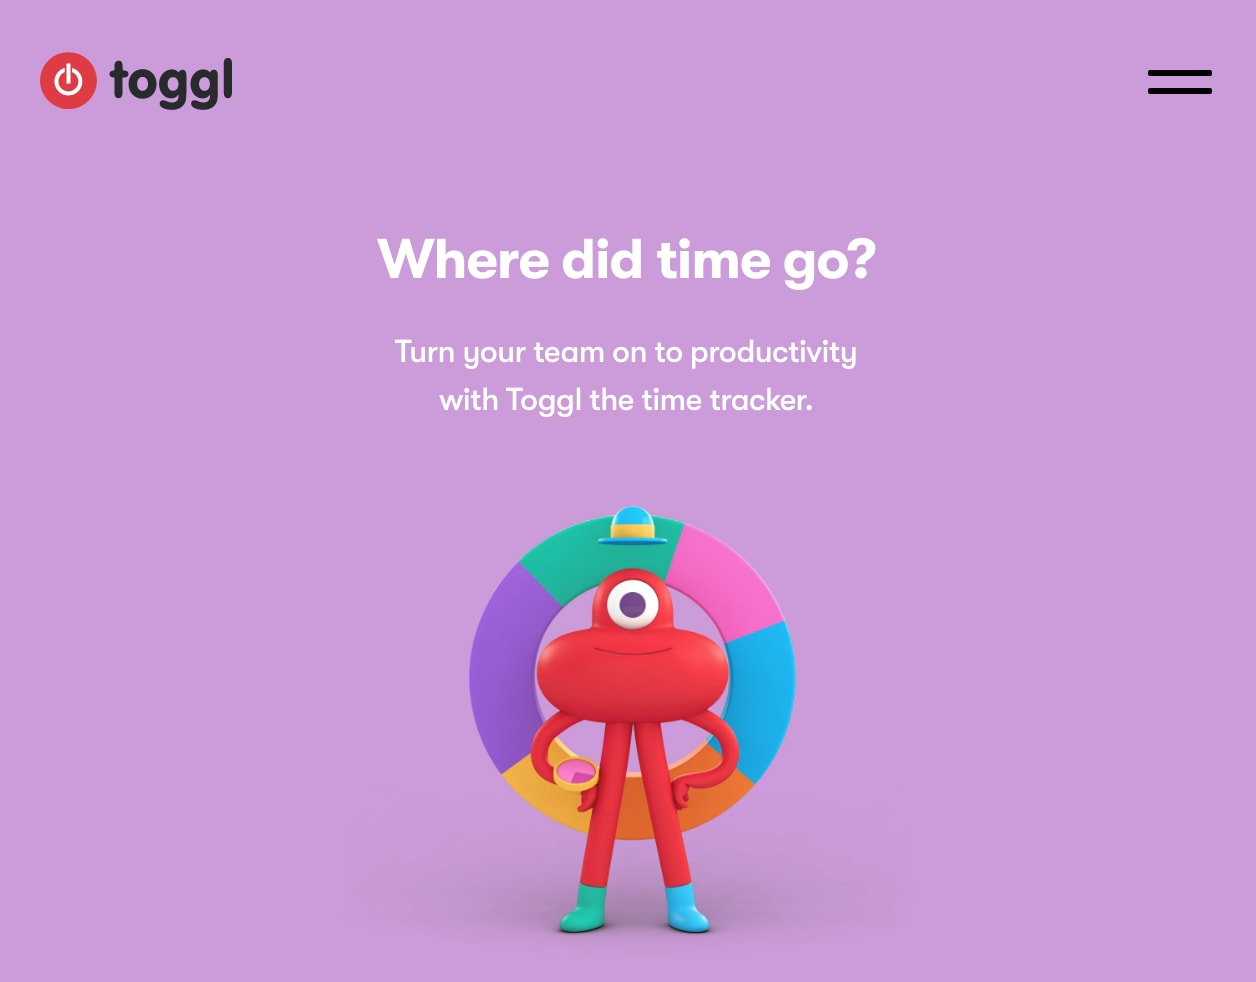 Toggle gebruikt het verbatim effect slim